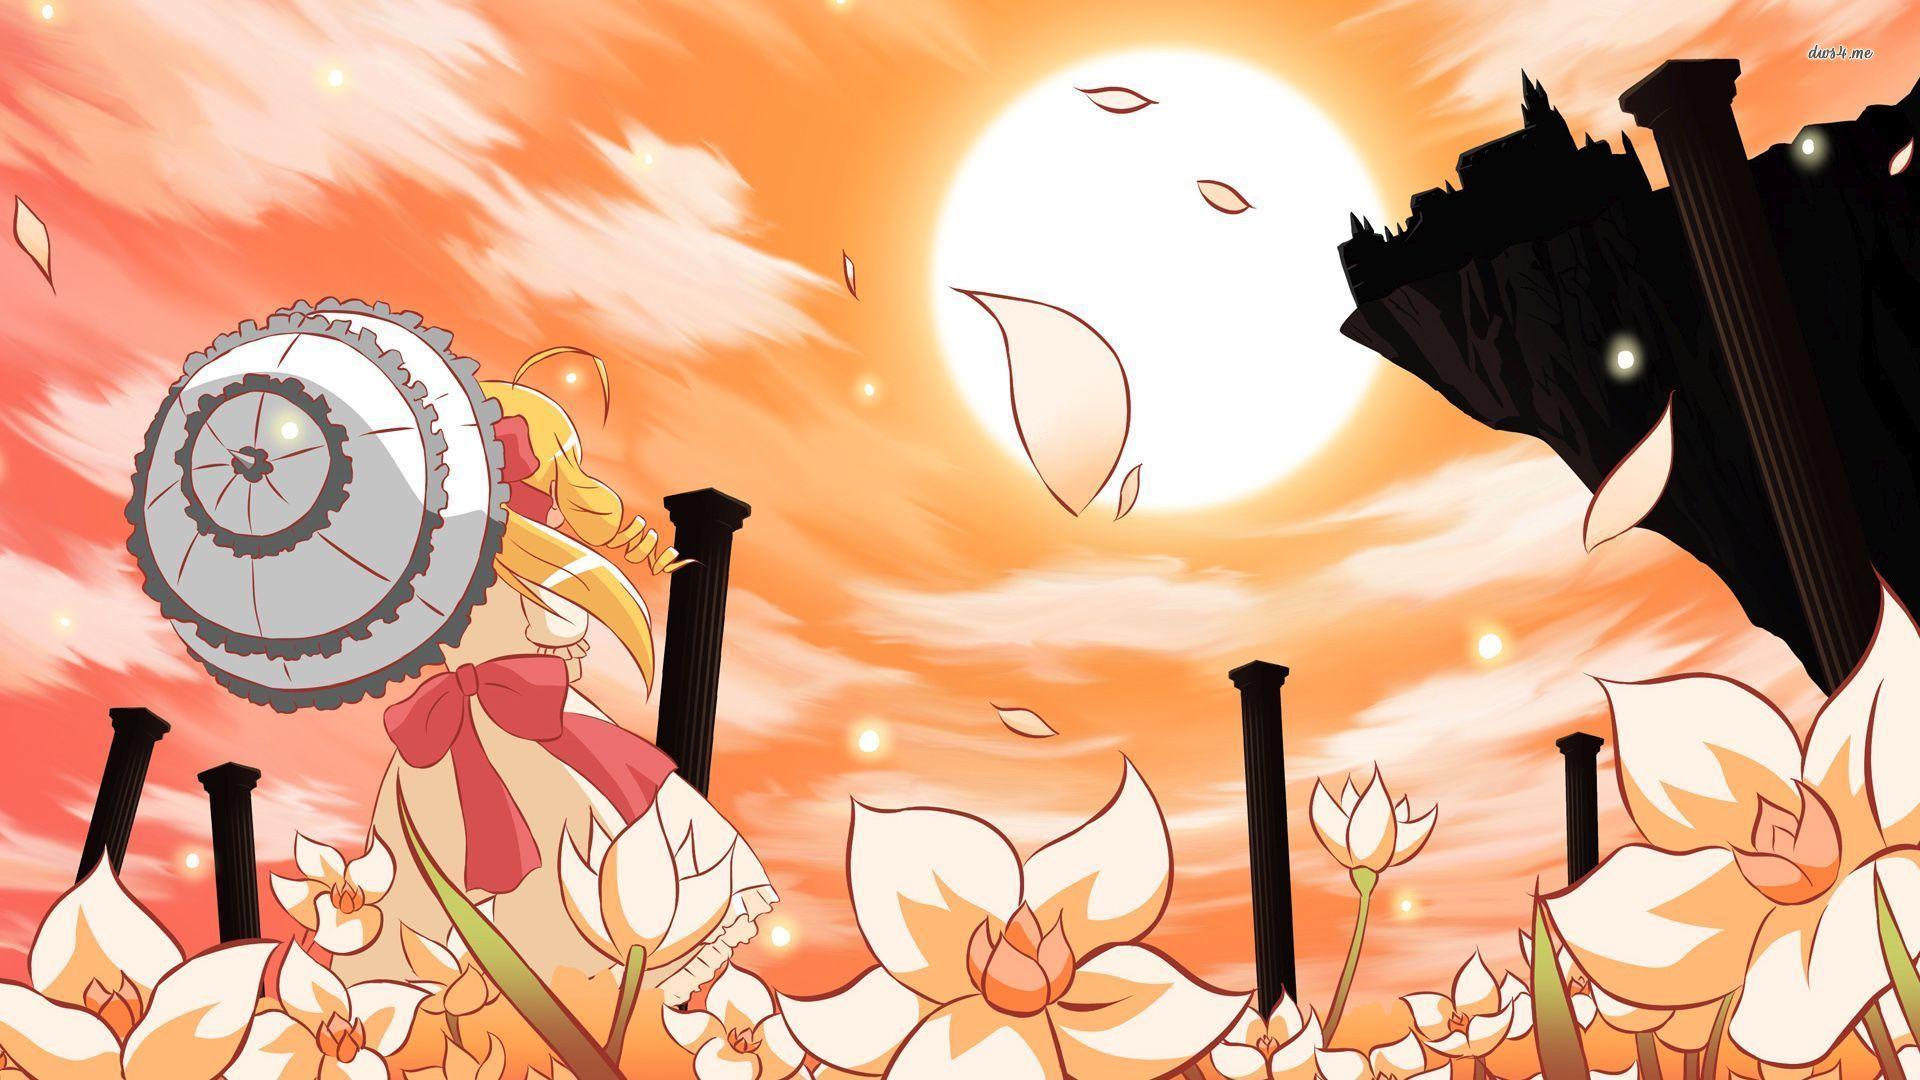 Hayate No Gotoku! Anime WallPaper HD